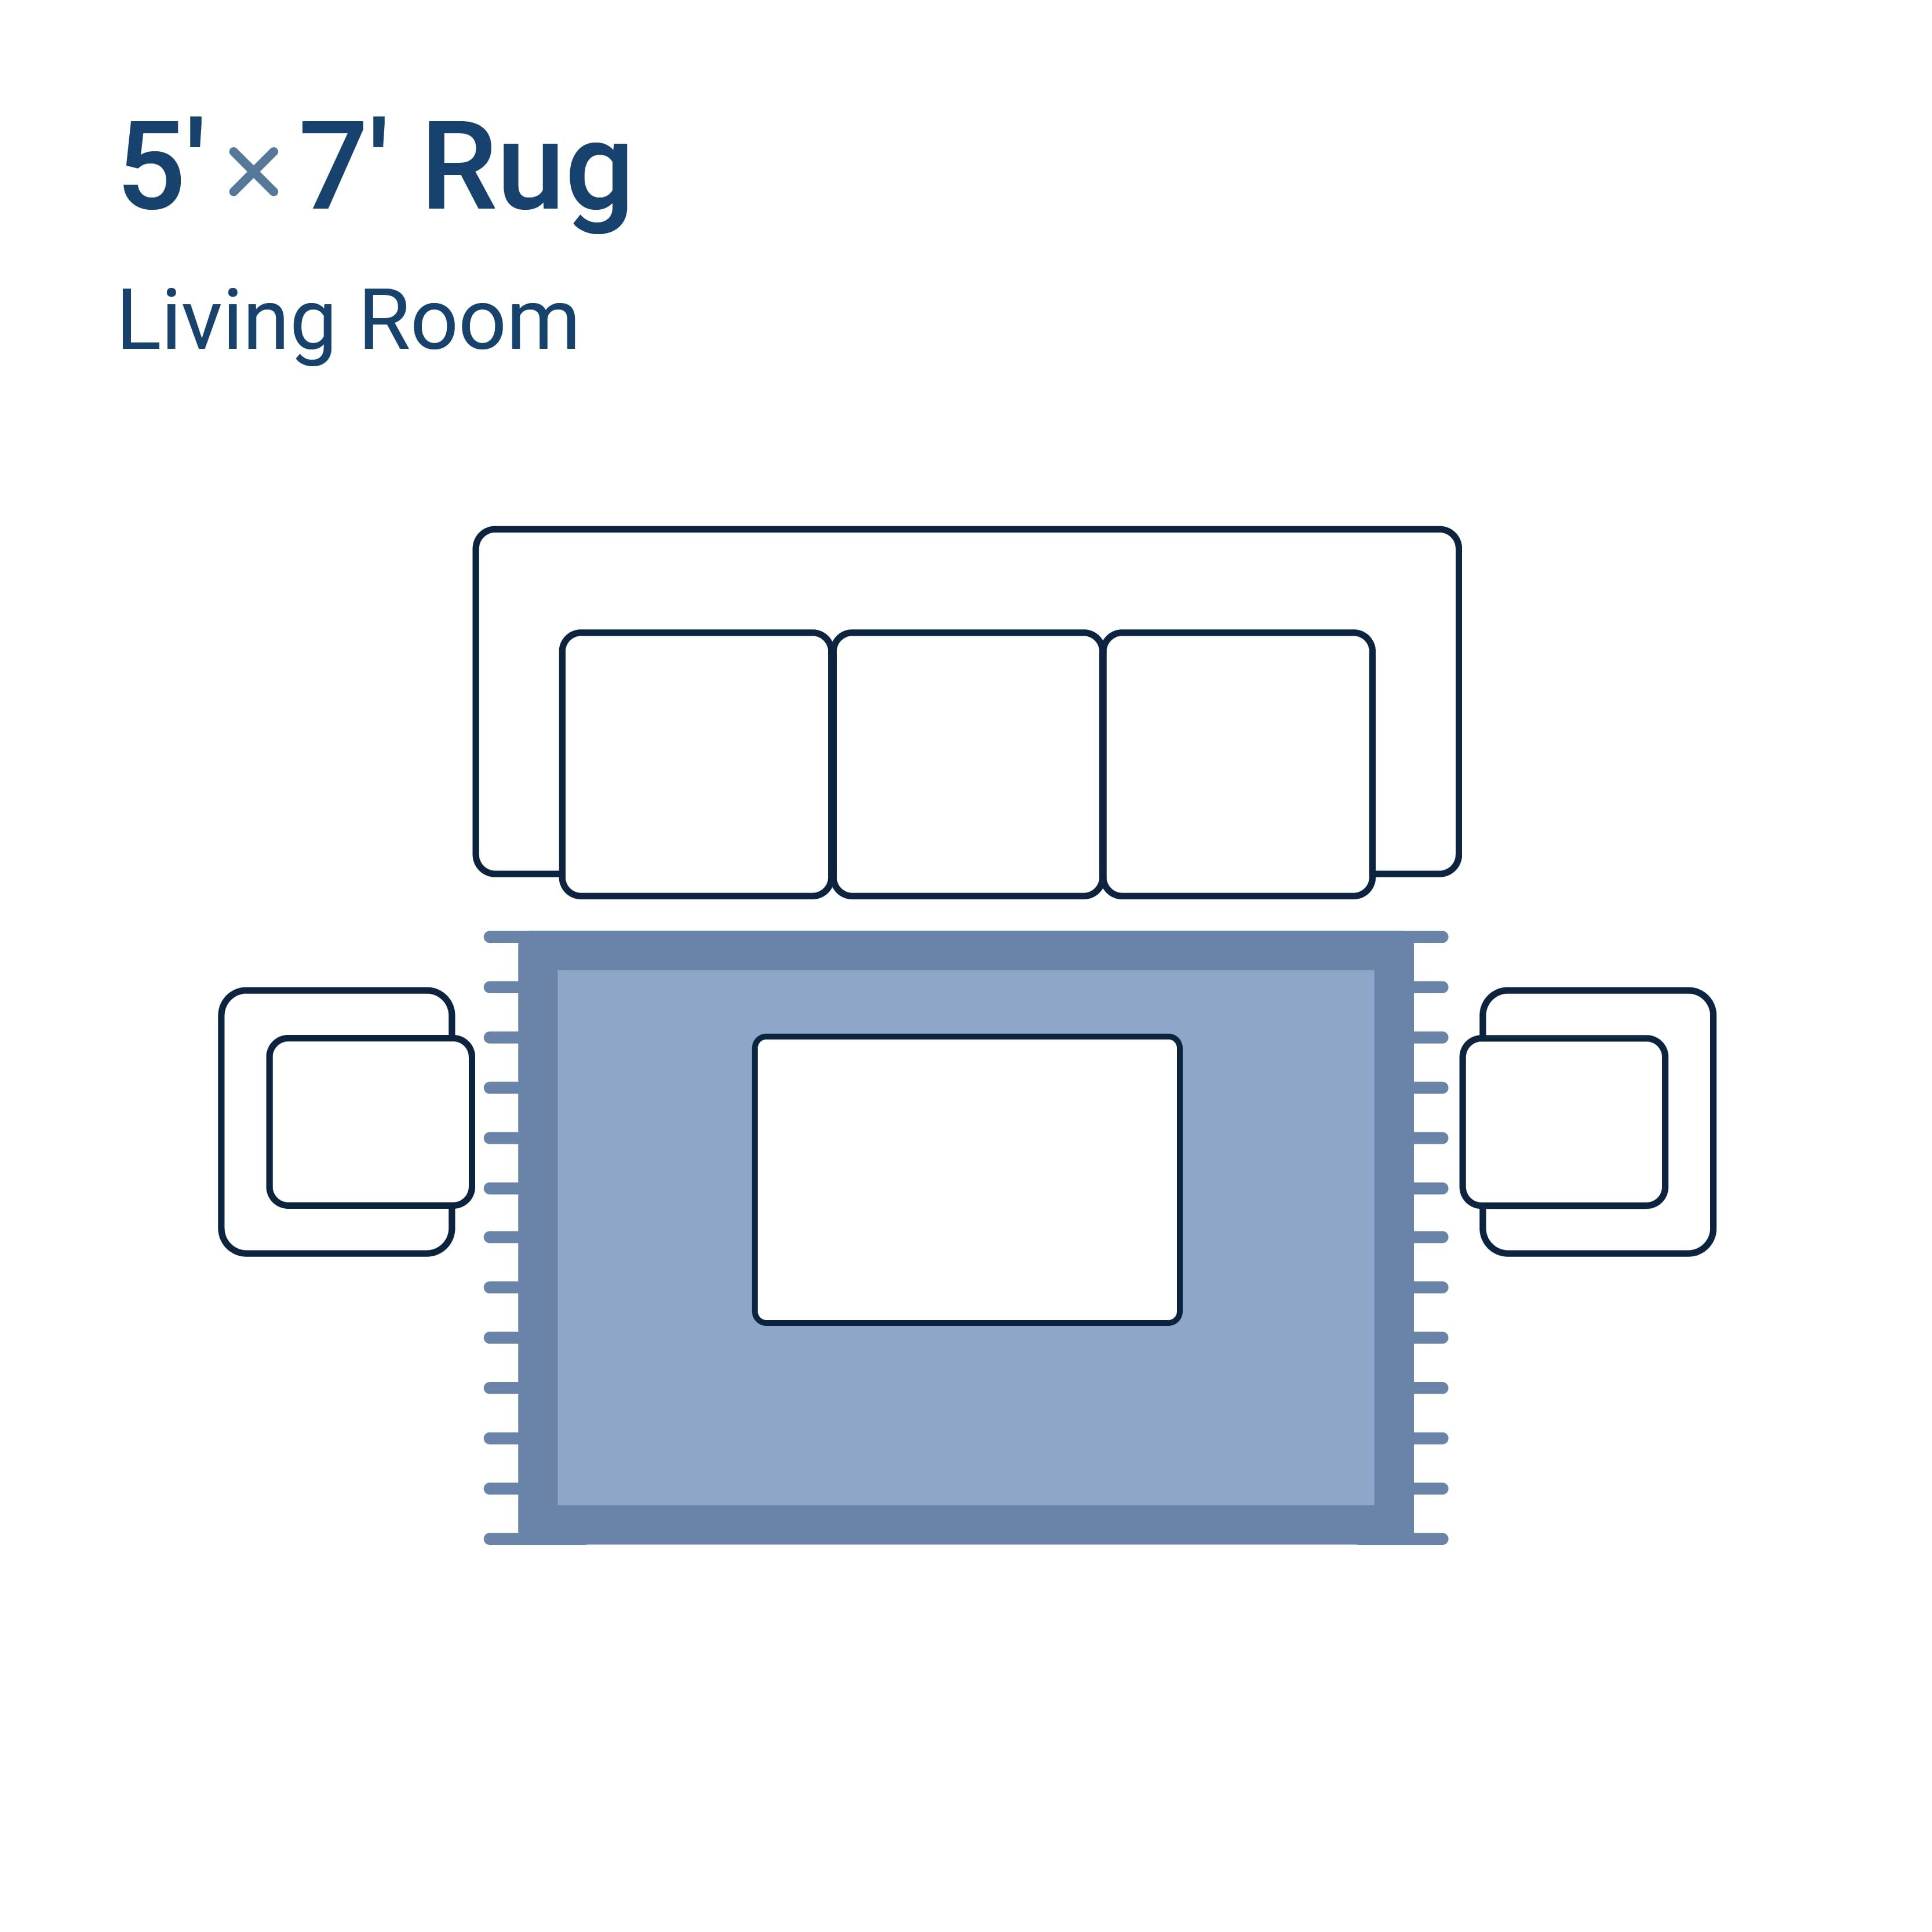 5' x 7' area rug